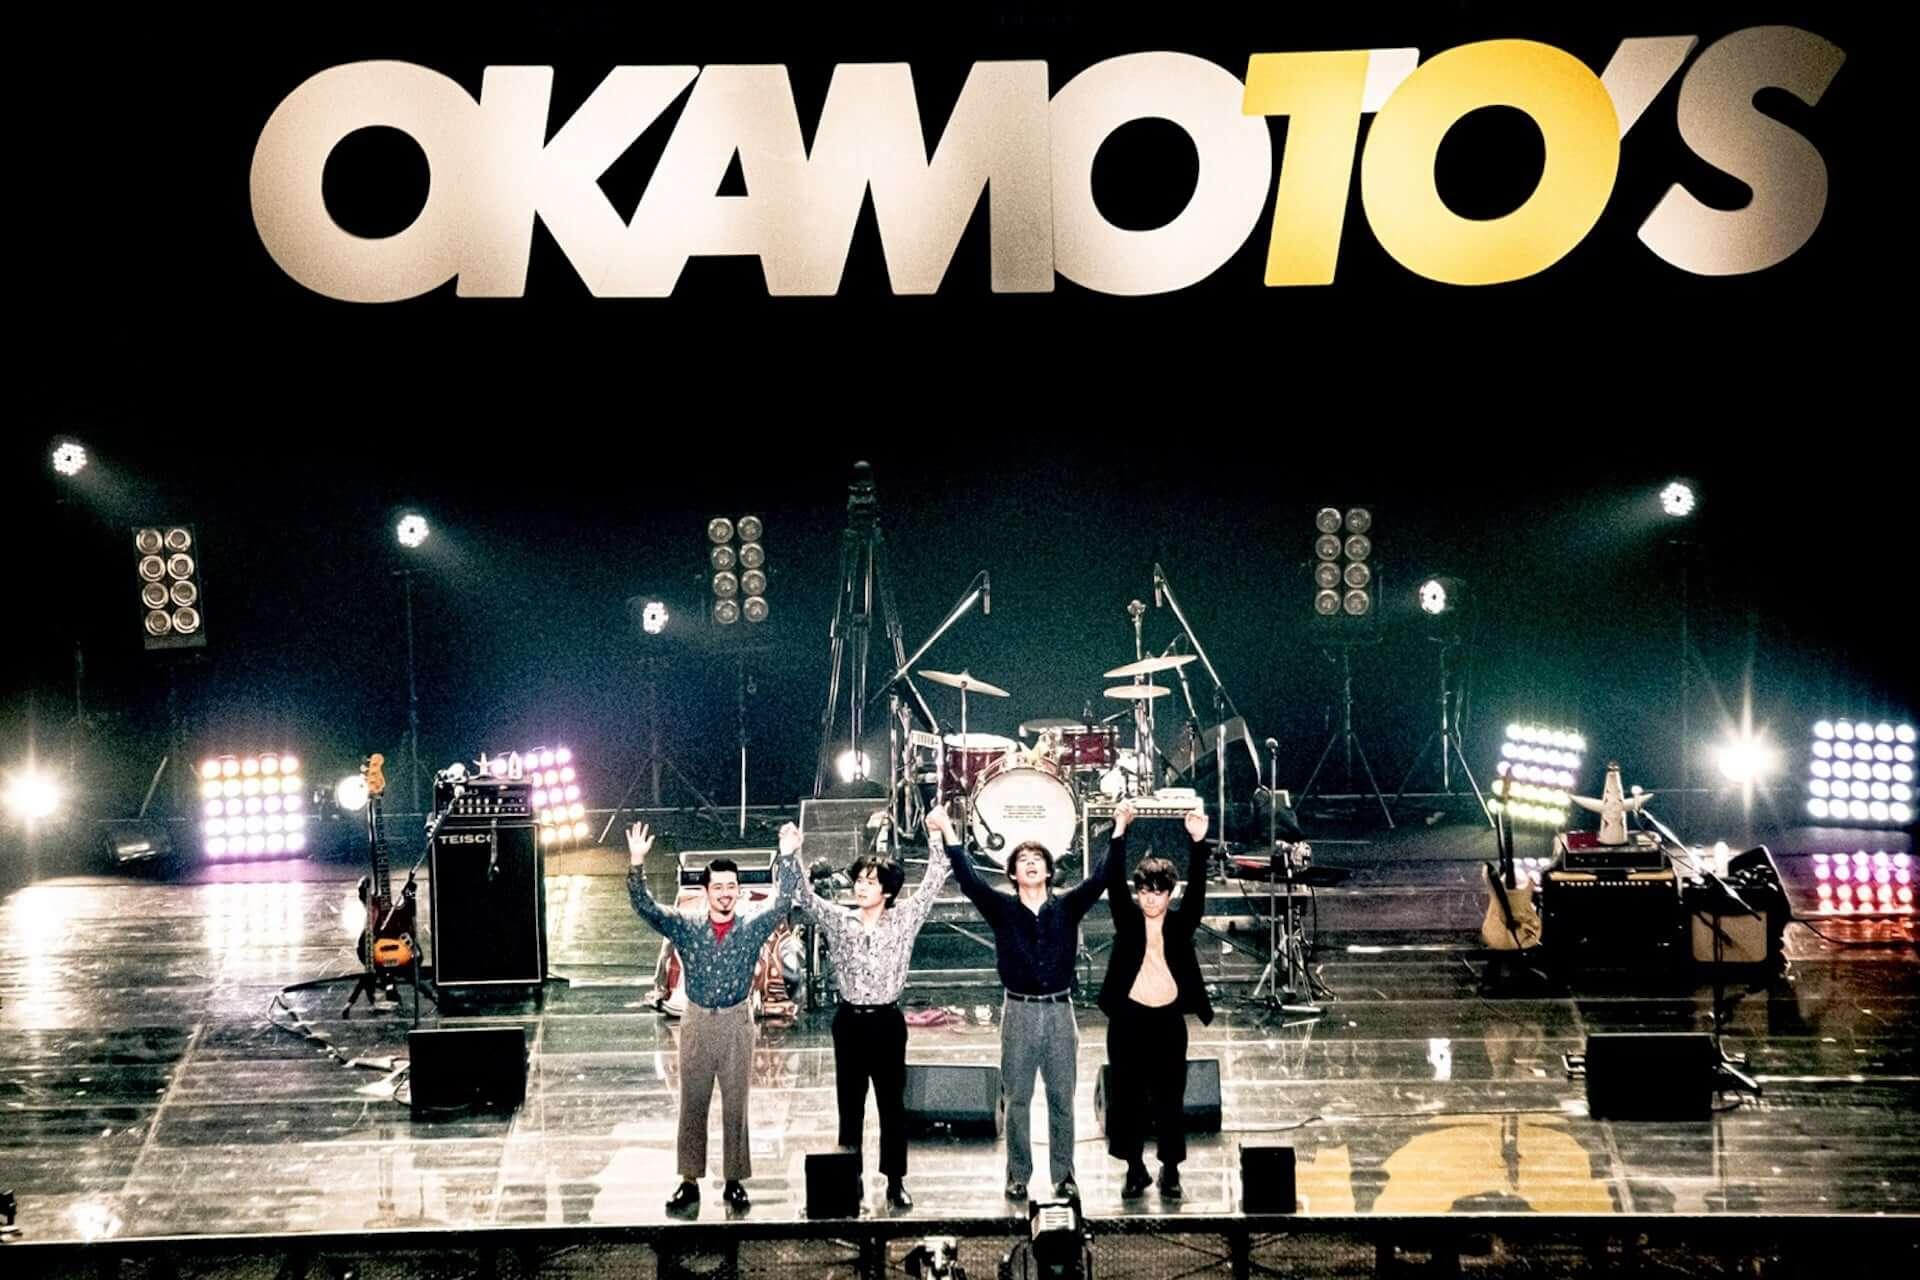 デビュー10周年を迎えたOKAMOTO'S、初の武道館ワンマン公演を超満員の観客が祝福! music190628_okamotos_2-1920x1280